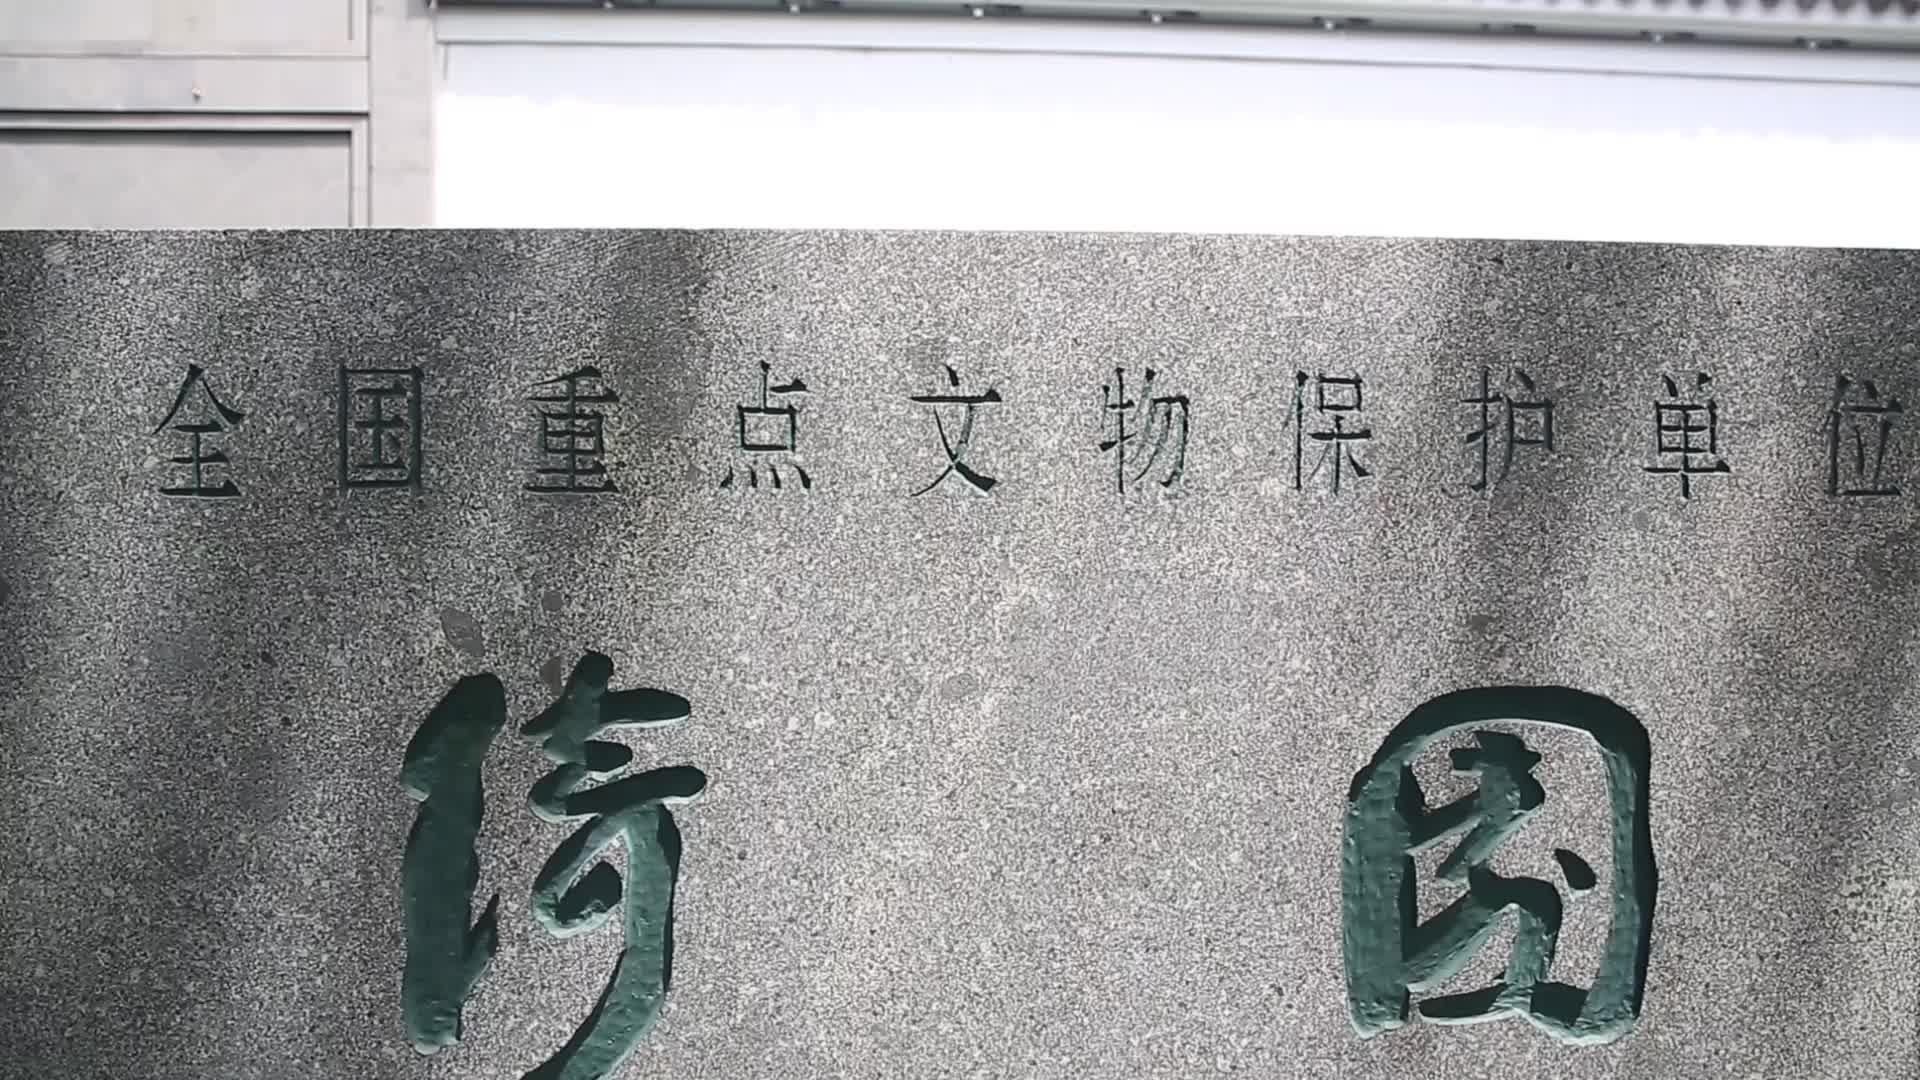 浙江宝藏——海盐县绮园